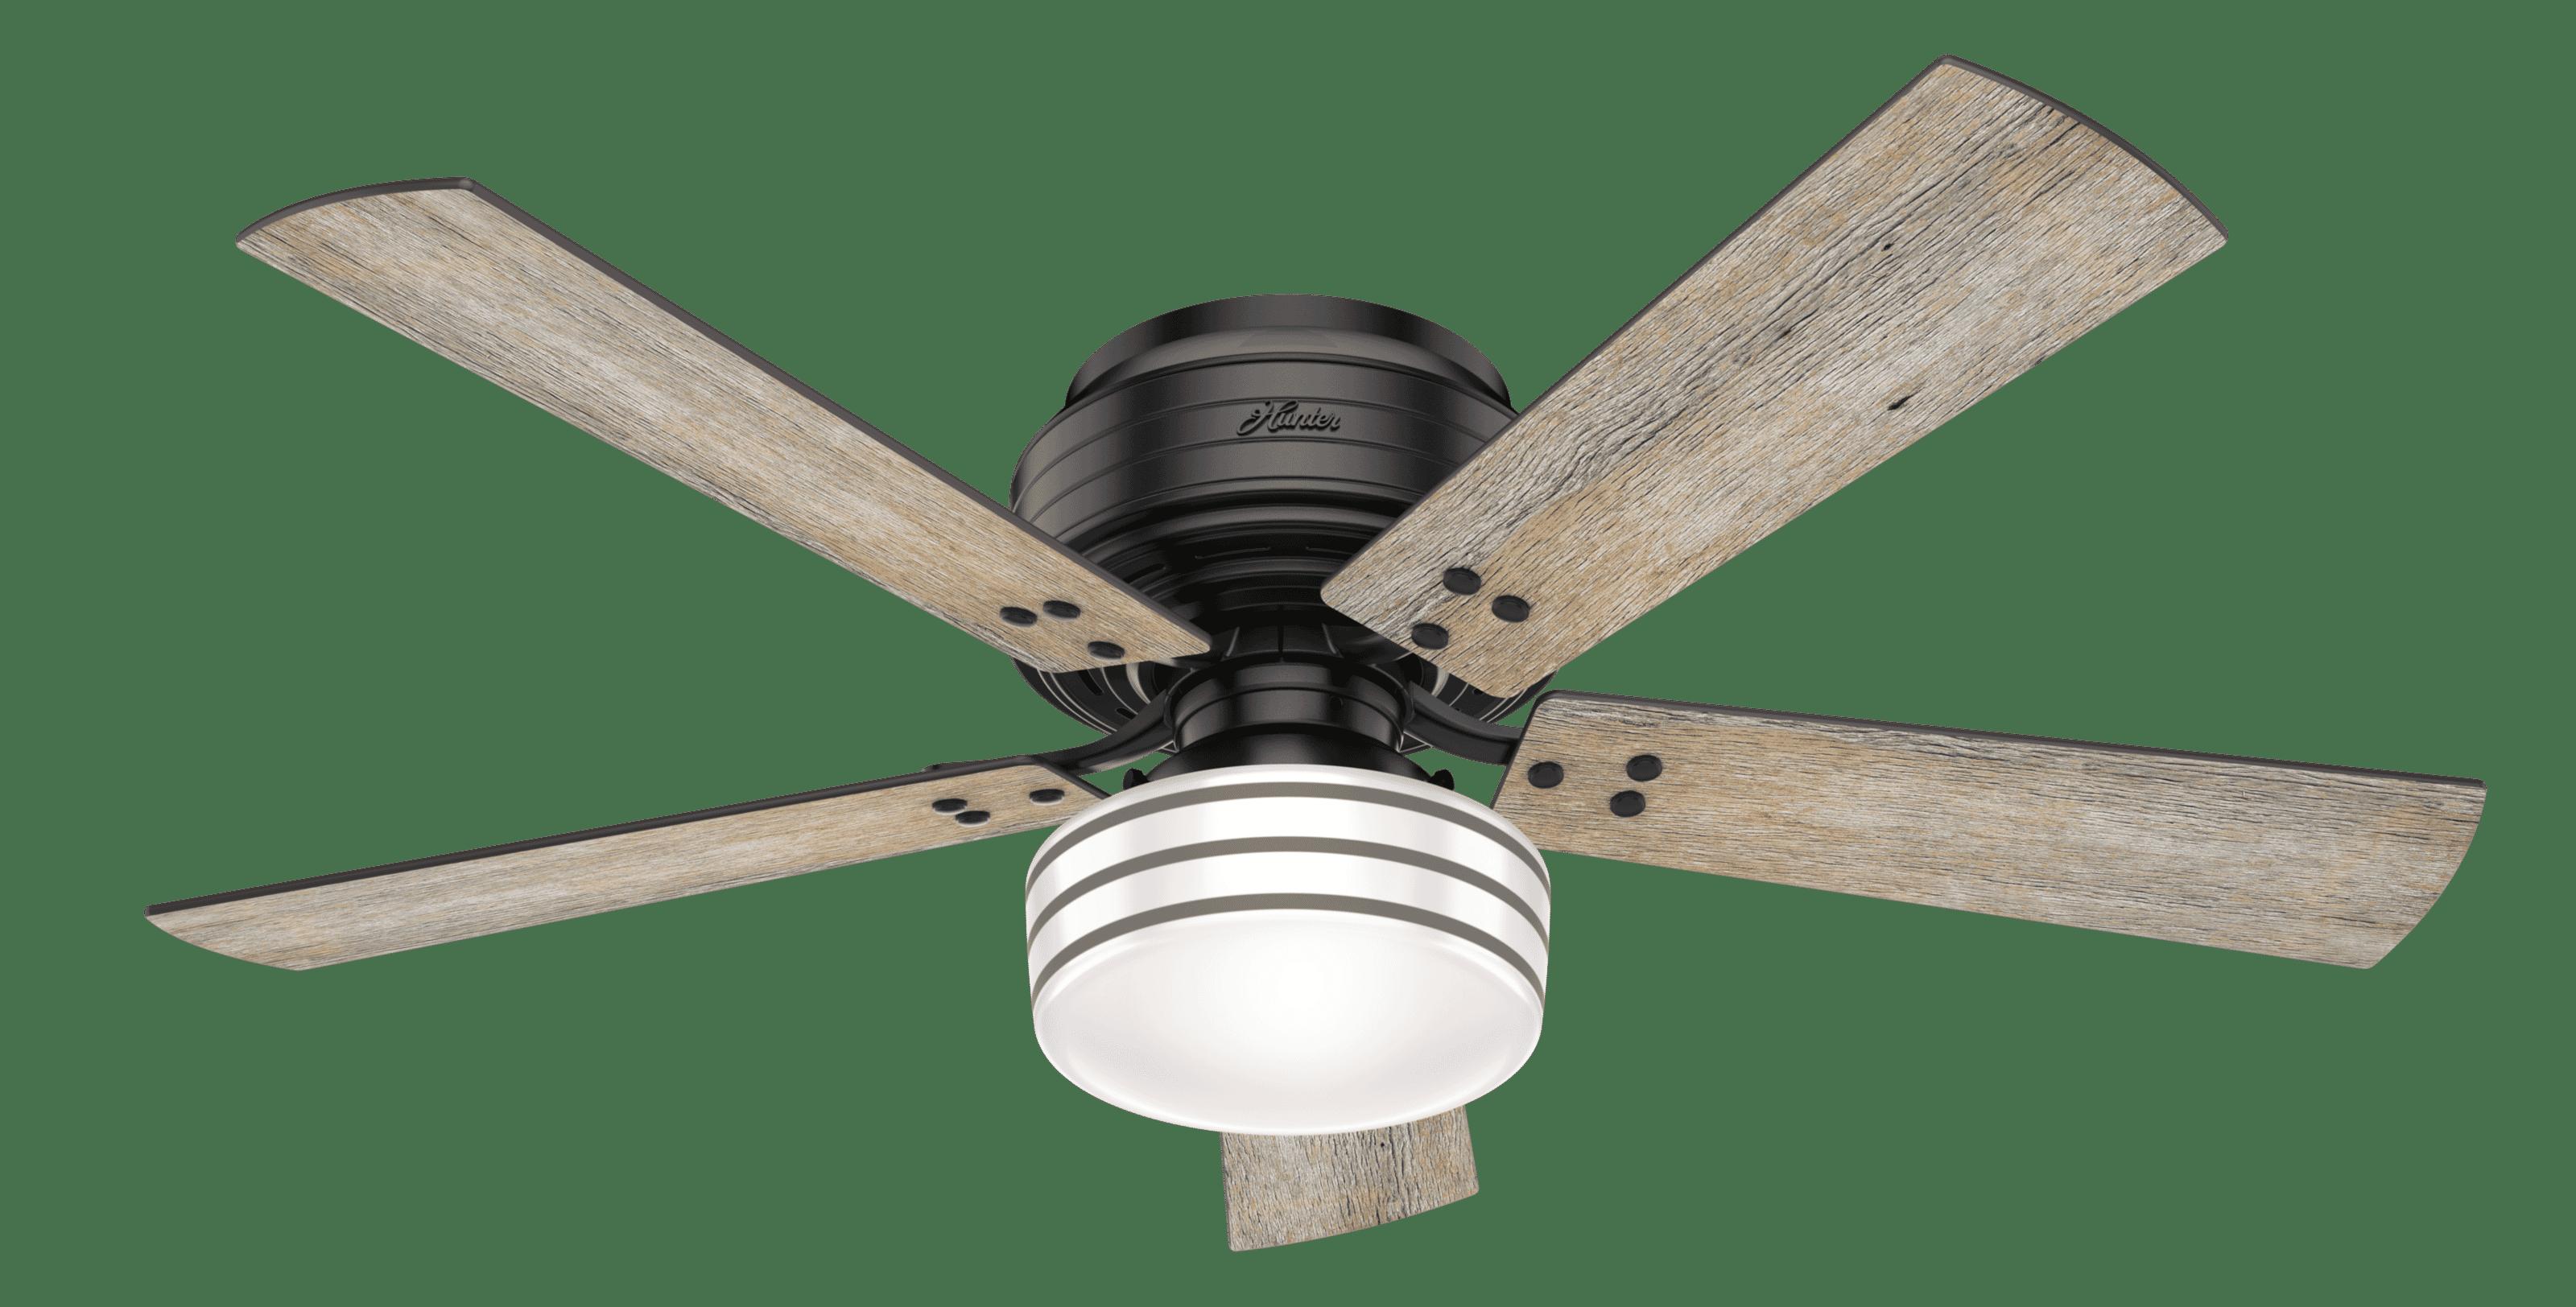 Hunter Fans Cedar Key Low Profile 52 Indoor Outdoor Ceiling Fan In Matte Black